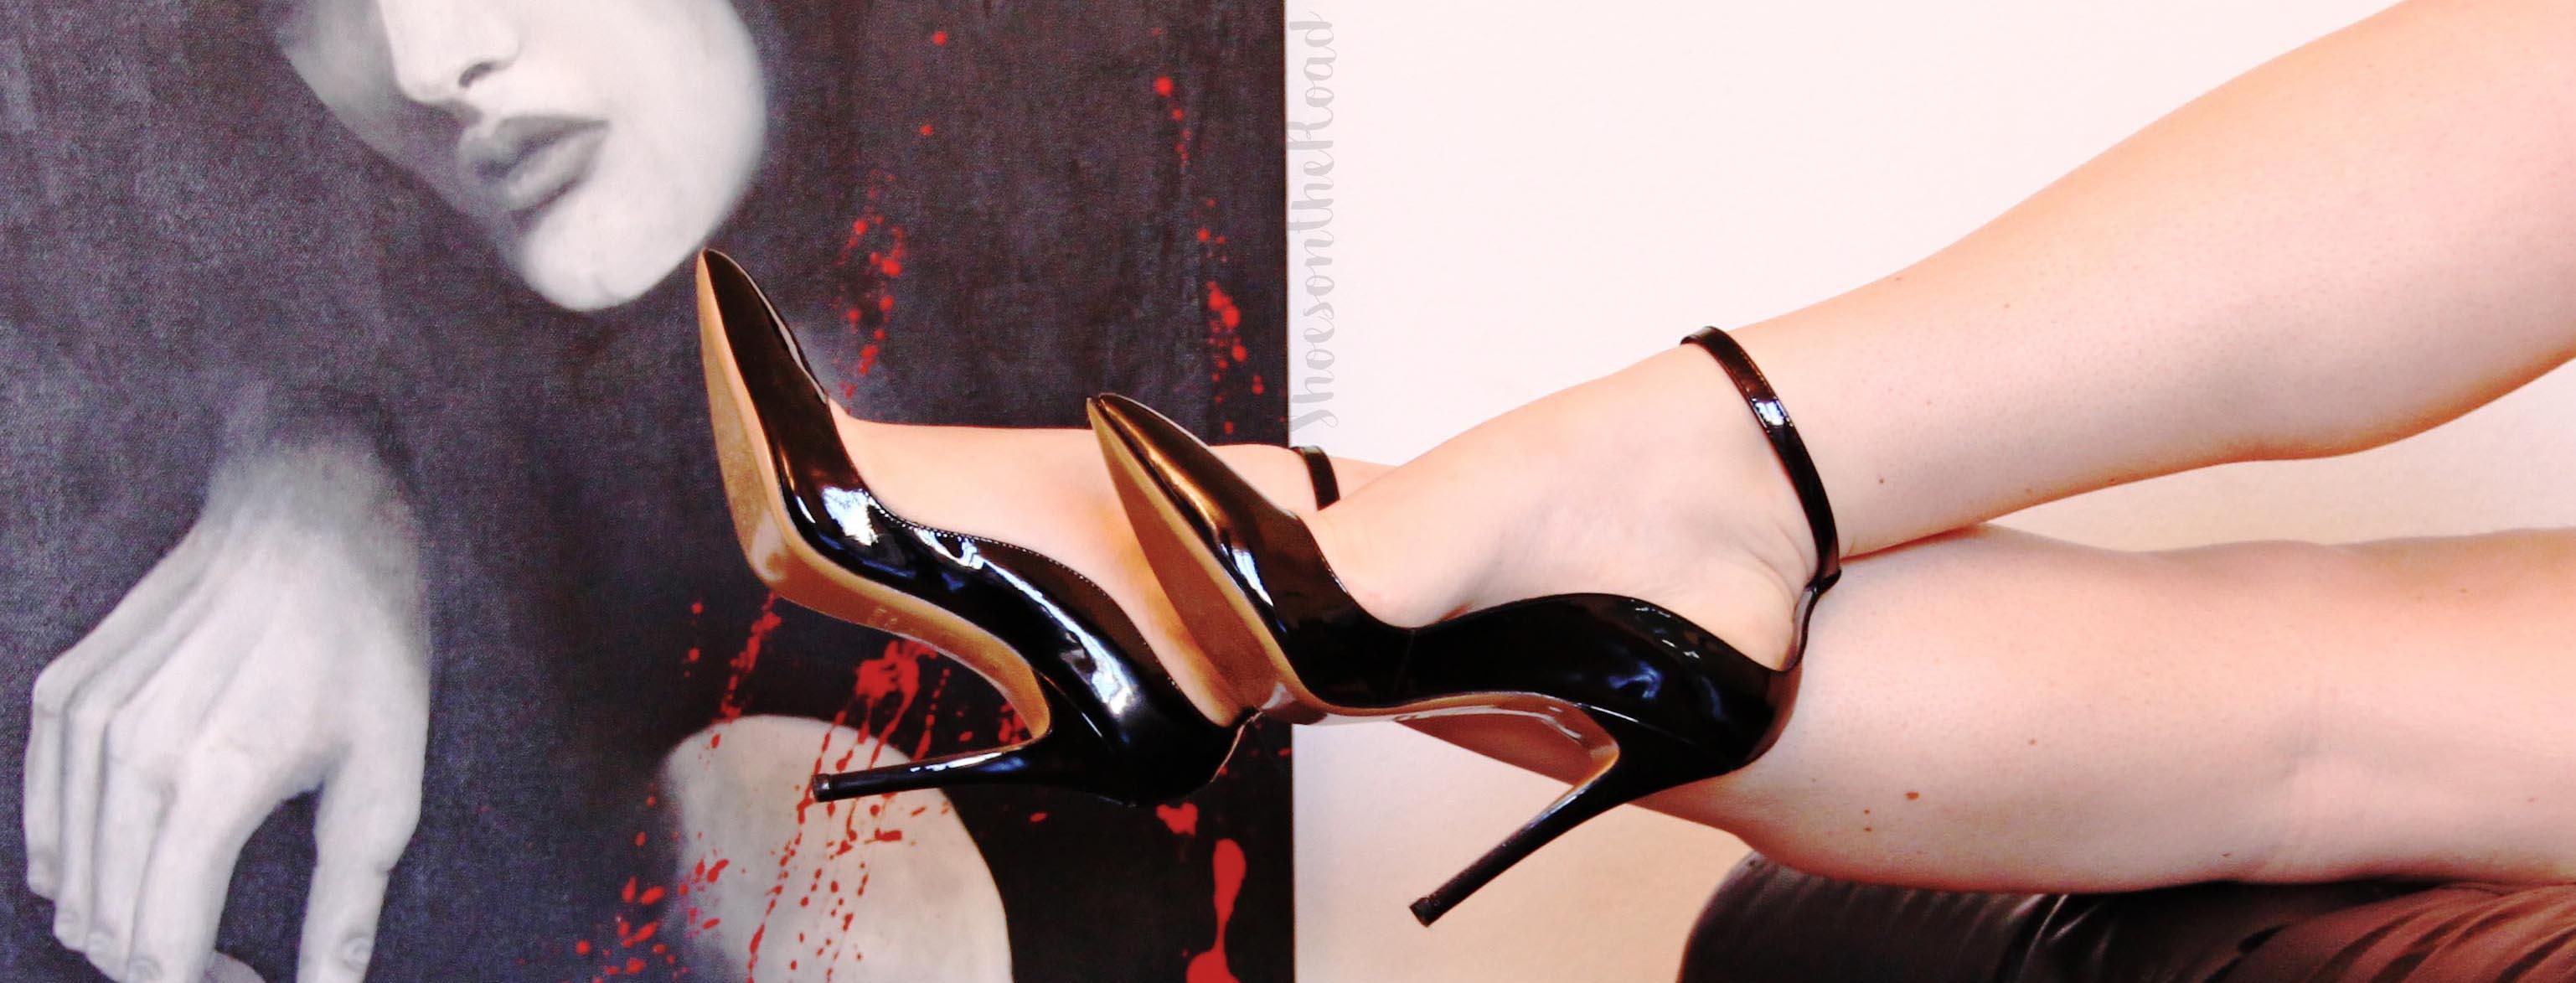 Daniele Tagliabue Shoes: da sogno a realtà.